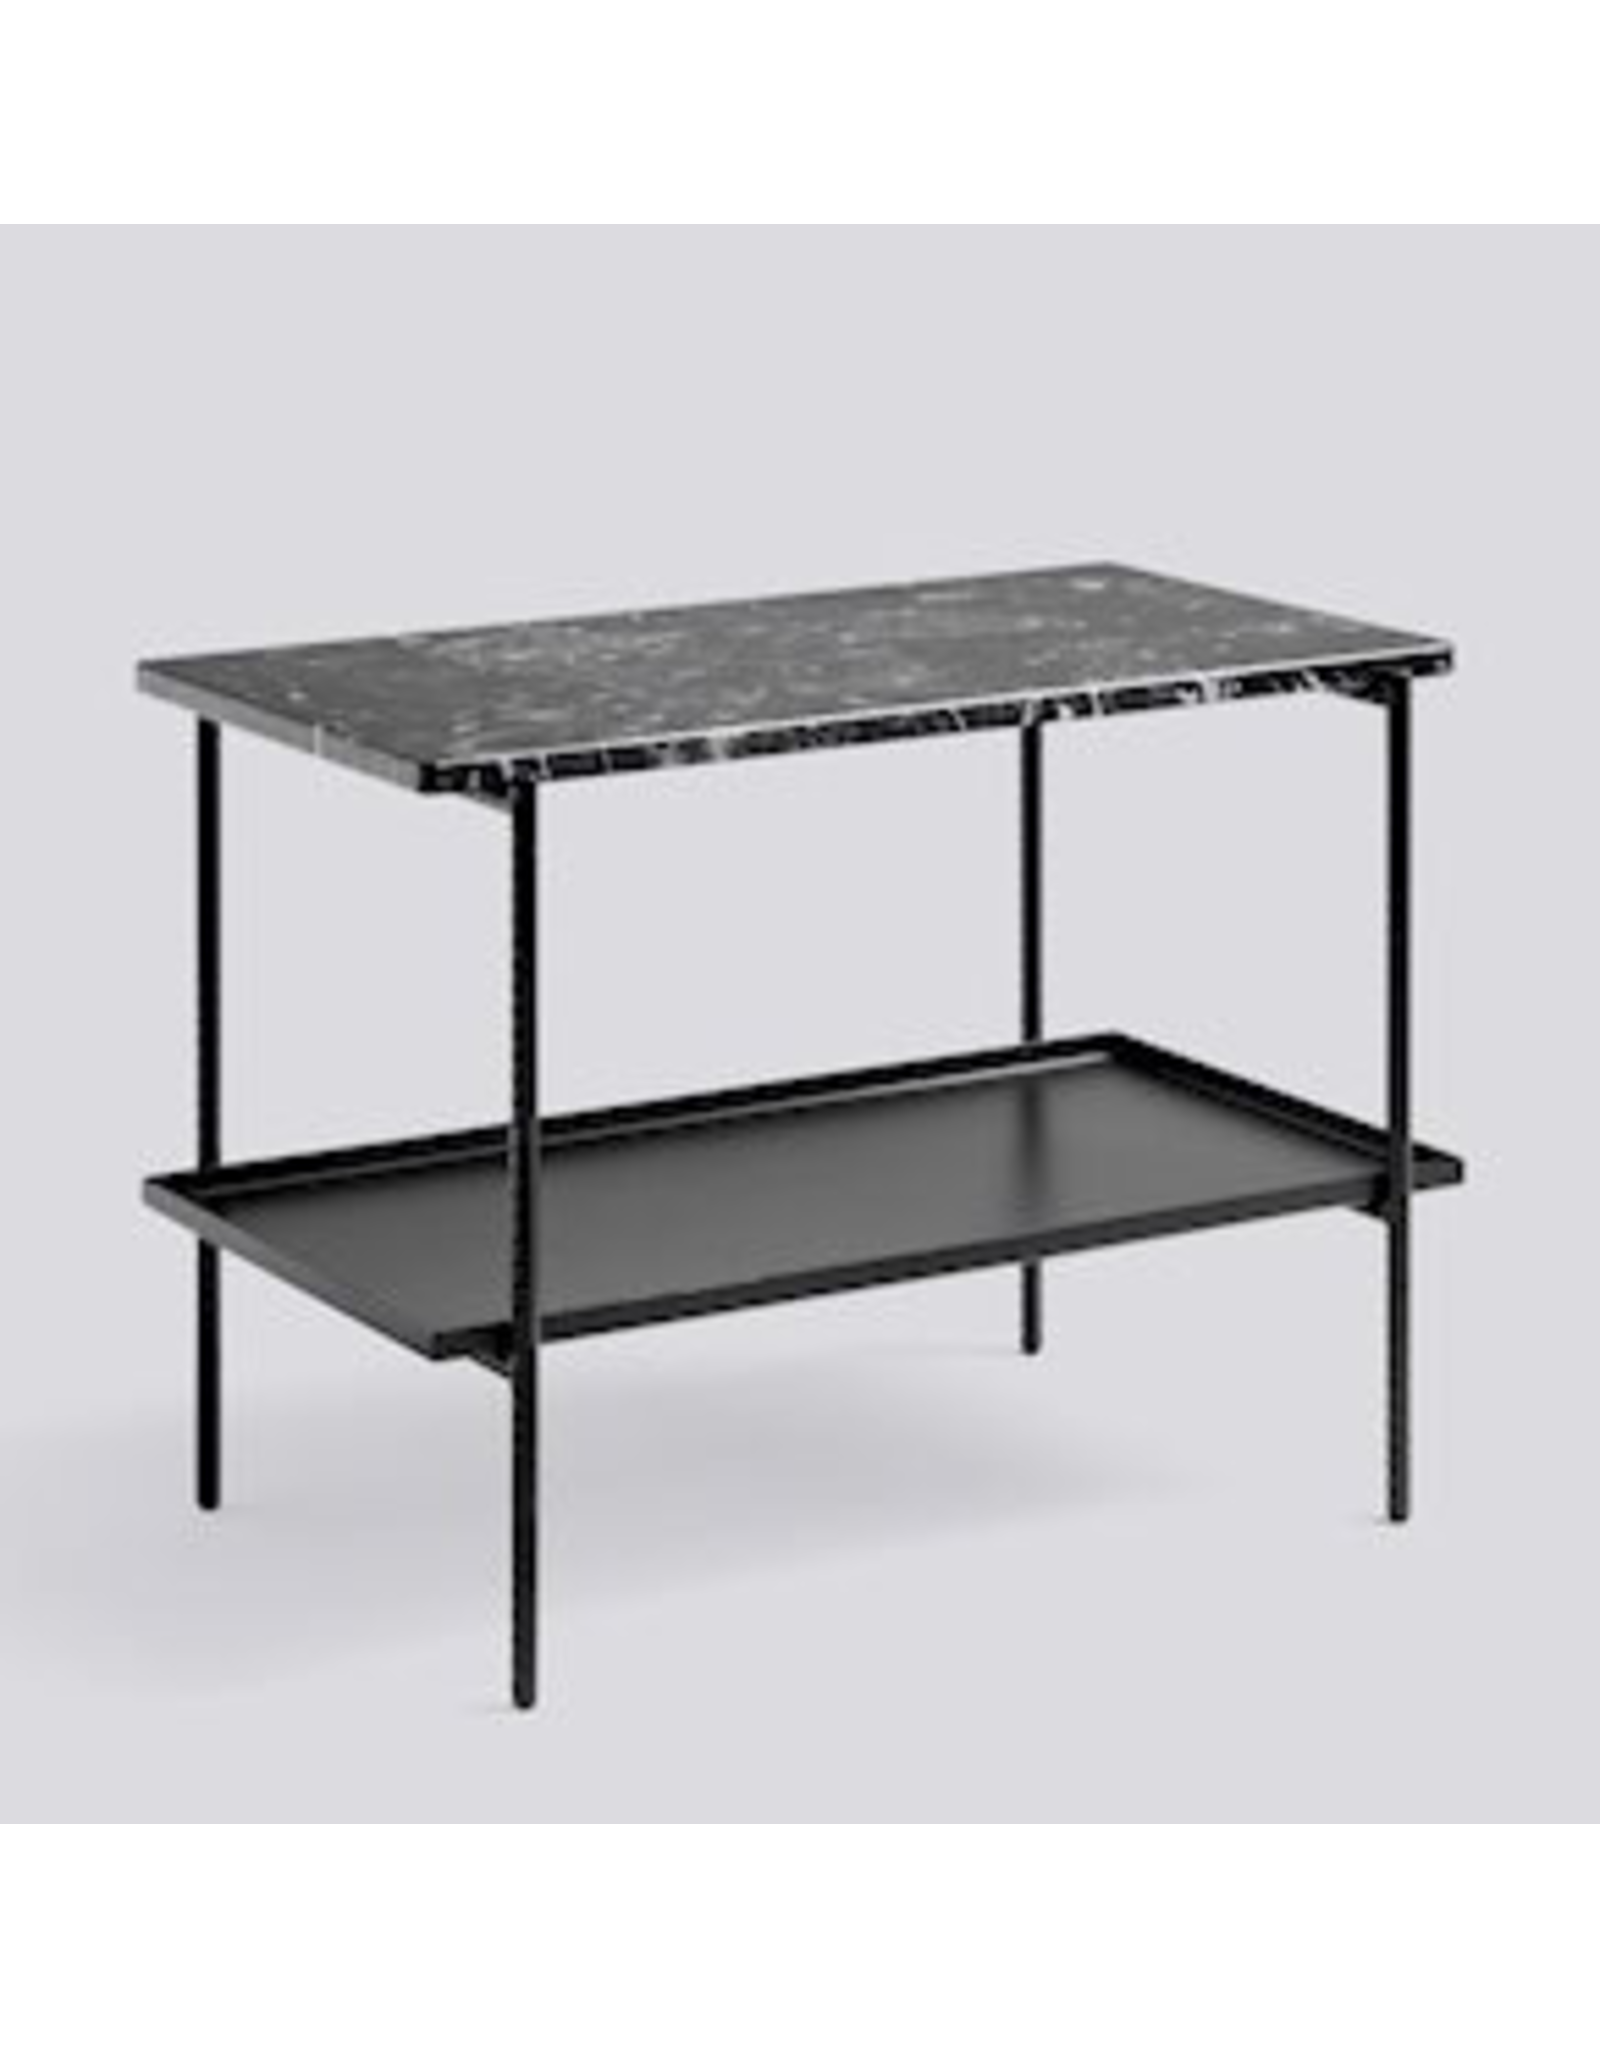 HAY TABLE D'APPOINT DE RECHARGEMENT / ACIER REVàƒÅTEMENT POUDRE NOIRE SOUPLE NOIRE L75 X W44 X H55